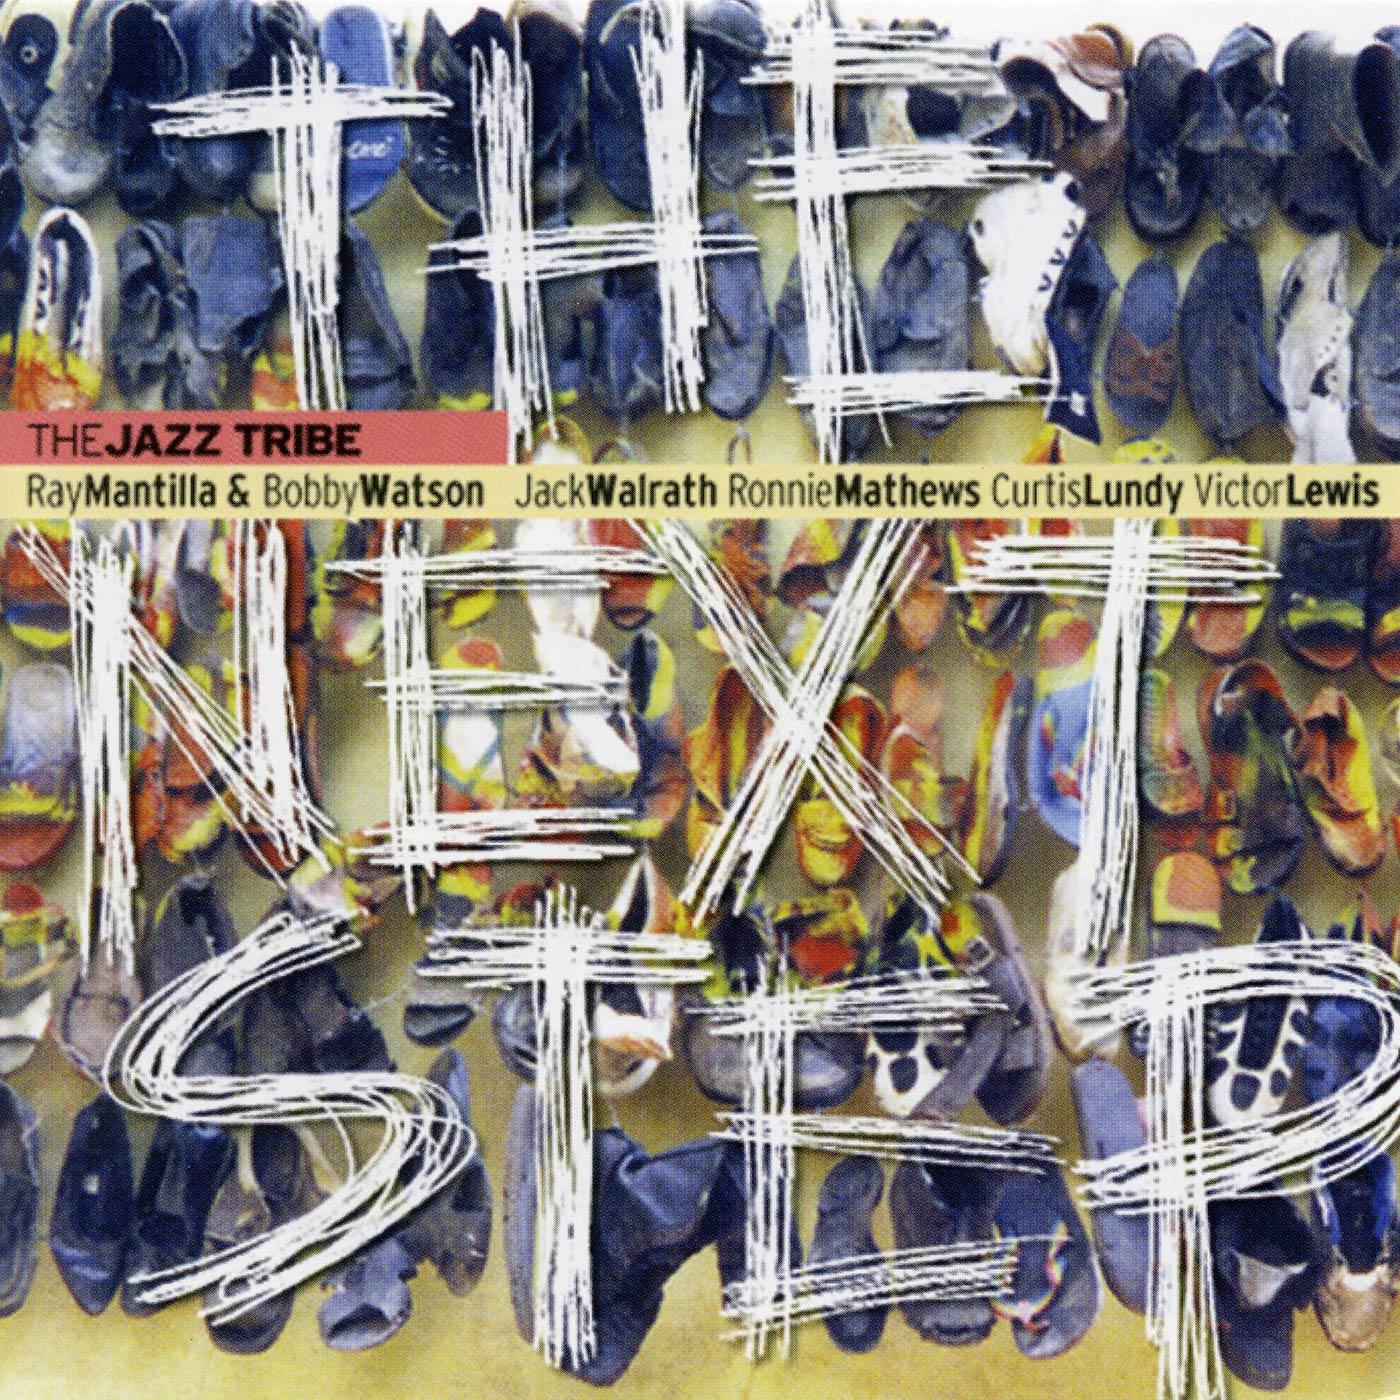 The Next Step - Ray Mantilla & Bobby Watson • The Jazz Tribe